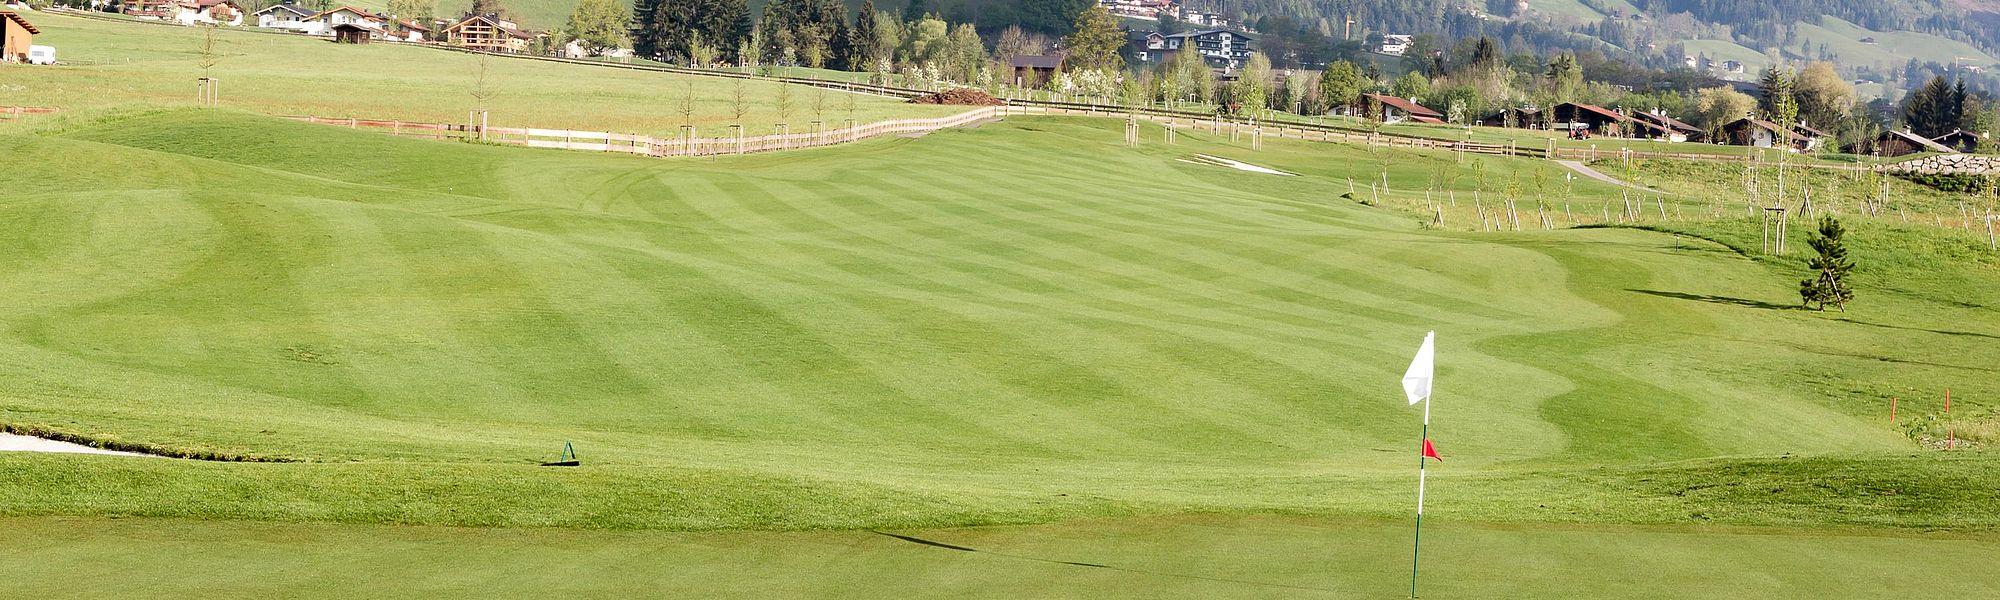 Golfplatz Zillertal Uderns